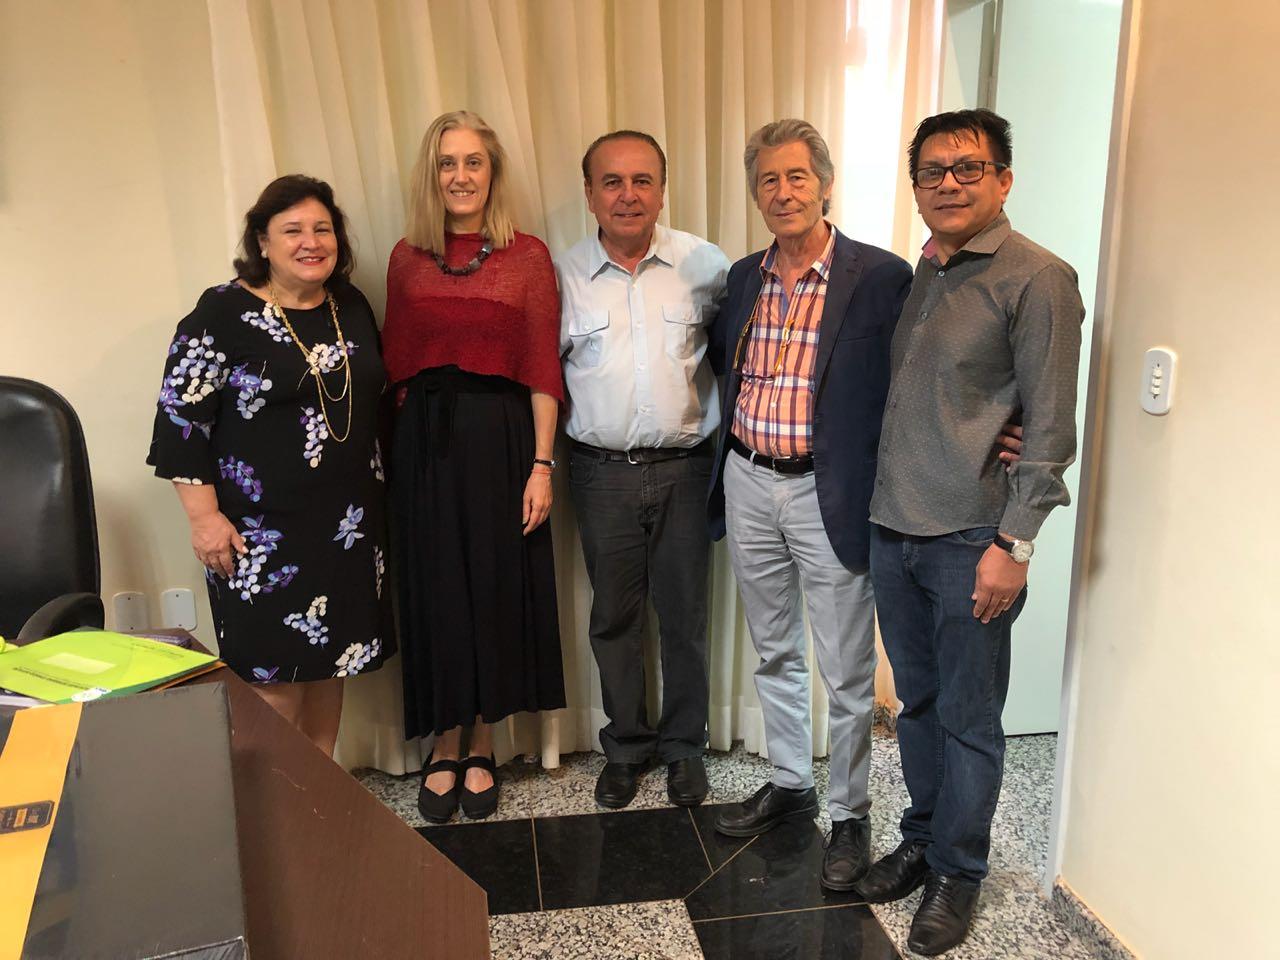 Maria Silvia Fonseca Ribeiro Carvalho De Moraes, Sonia Zangarini, Aparicio Carvalho e Antonio Ferrara